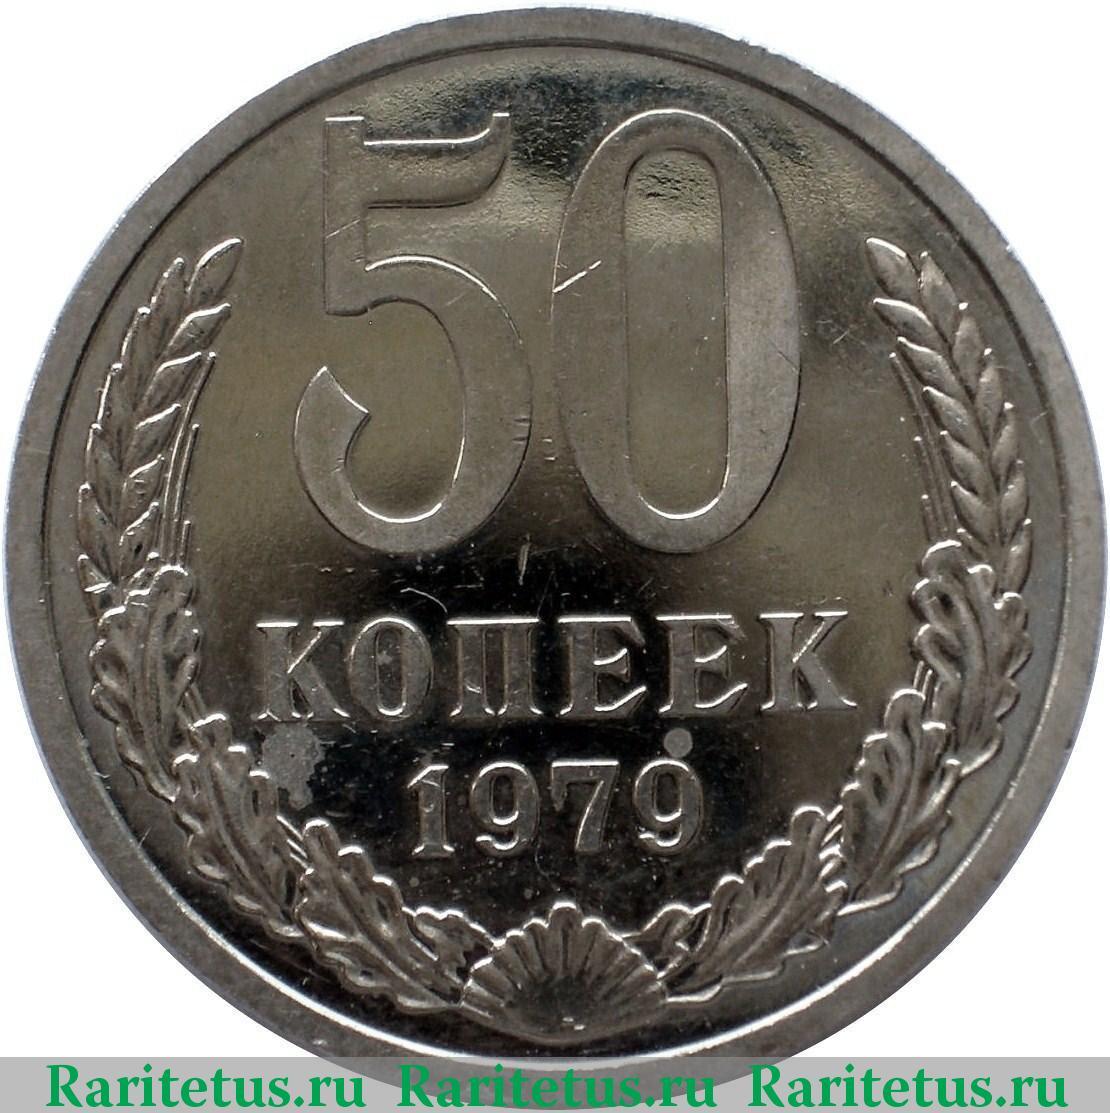 50 копеек 1979 года ценные 1 копеечные монеты